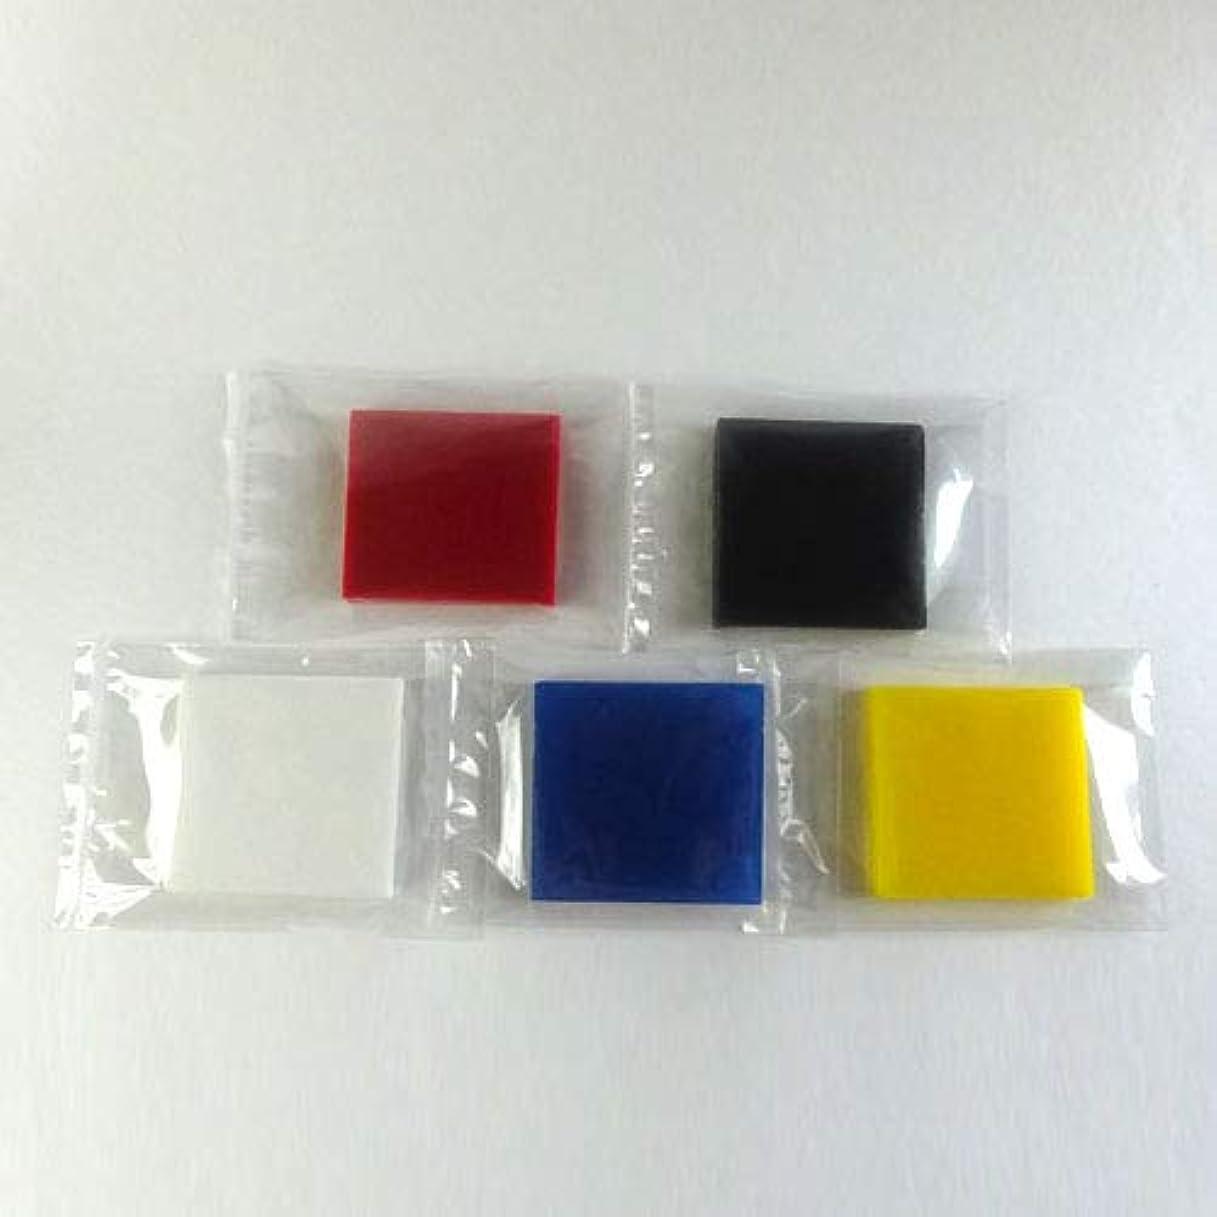 光里親アジテーショングリセリンソープ MPソープ 色チップ 5色(赤?青?黄?白?黒) 各120g(30g x 4pc)